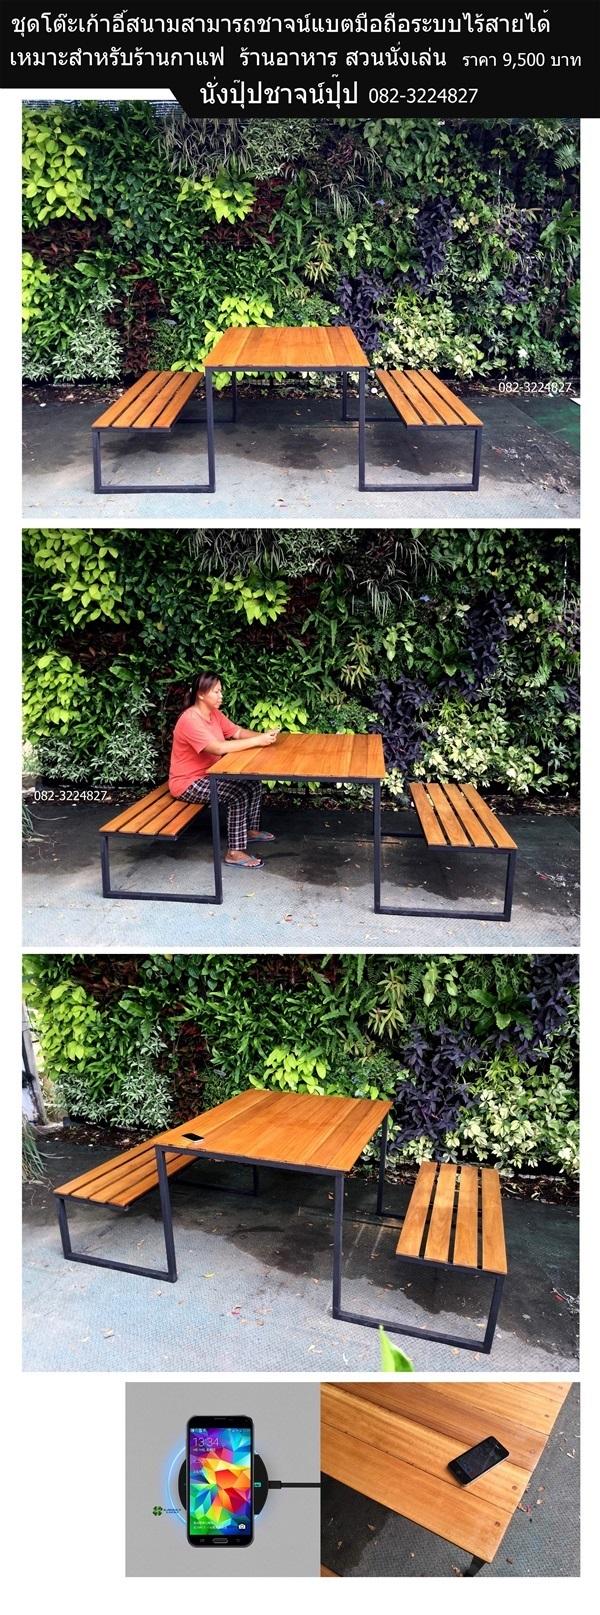 โต๊ะเก้าอี้สนามชาจน์มือถือไร้สายสำเร็จรูป